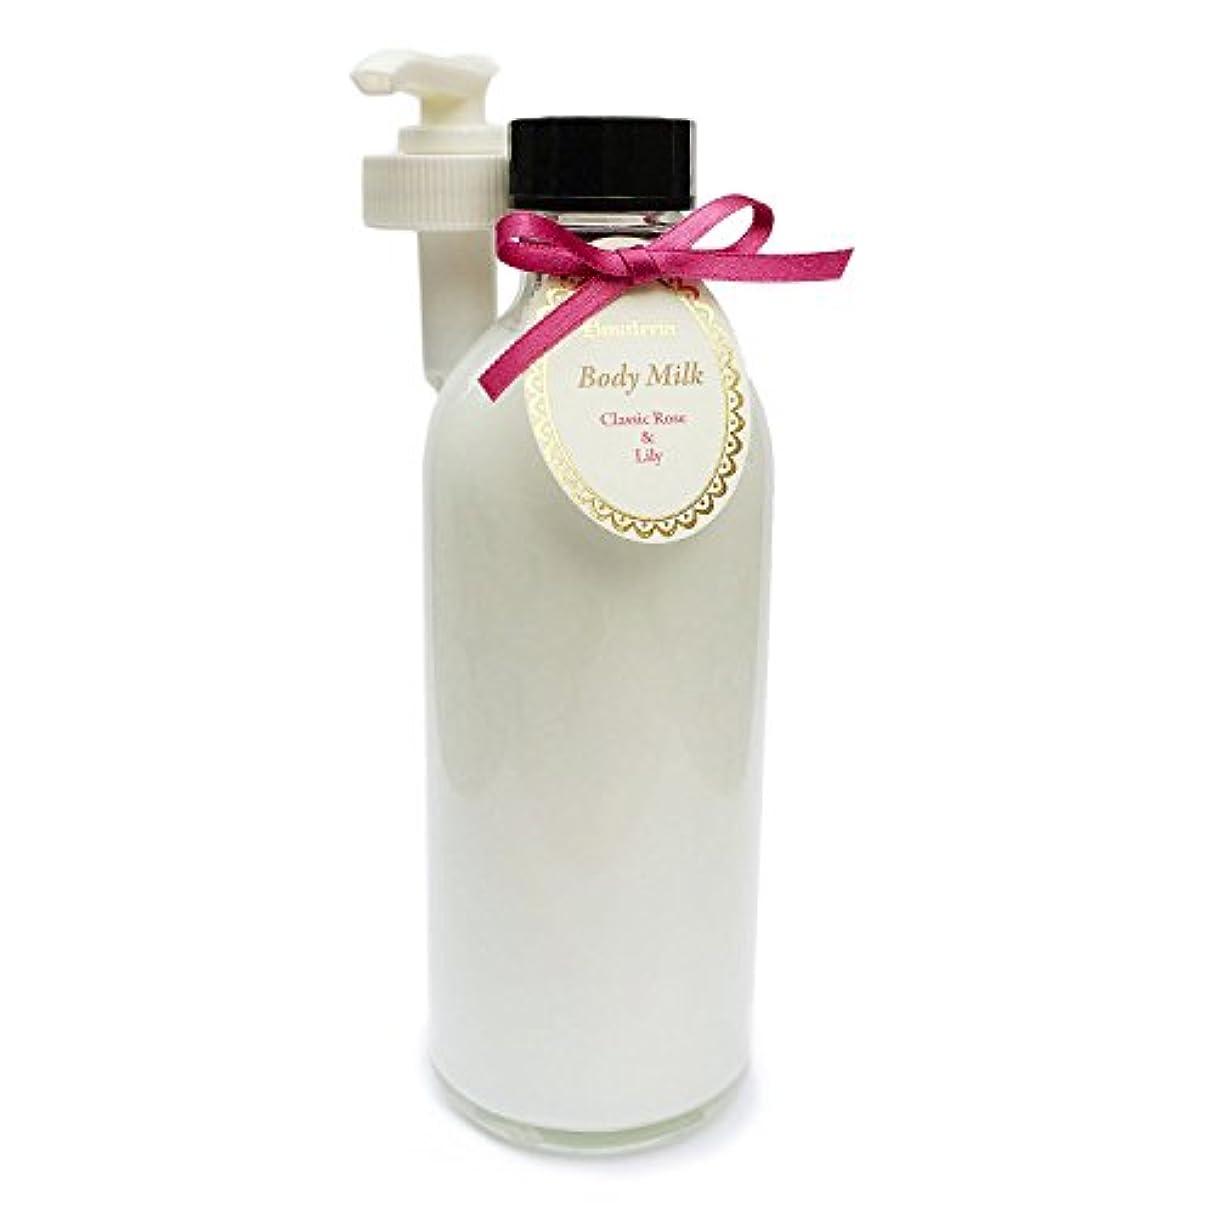 動機付けるおなじみの進行中D materia ボディミルク クラシックローズ&リリー Classic Rose&Lily Body Milk ディーマテリア